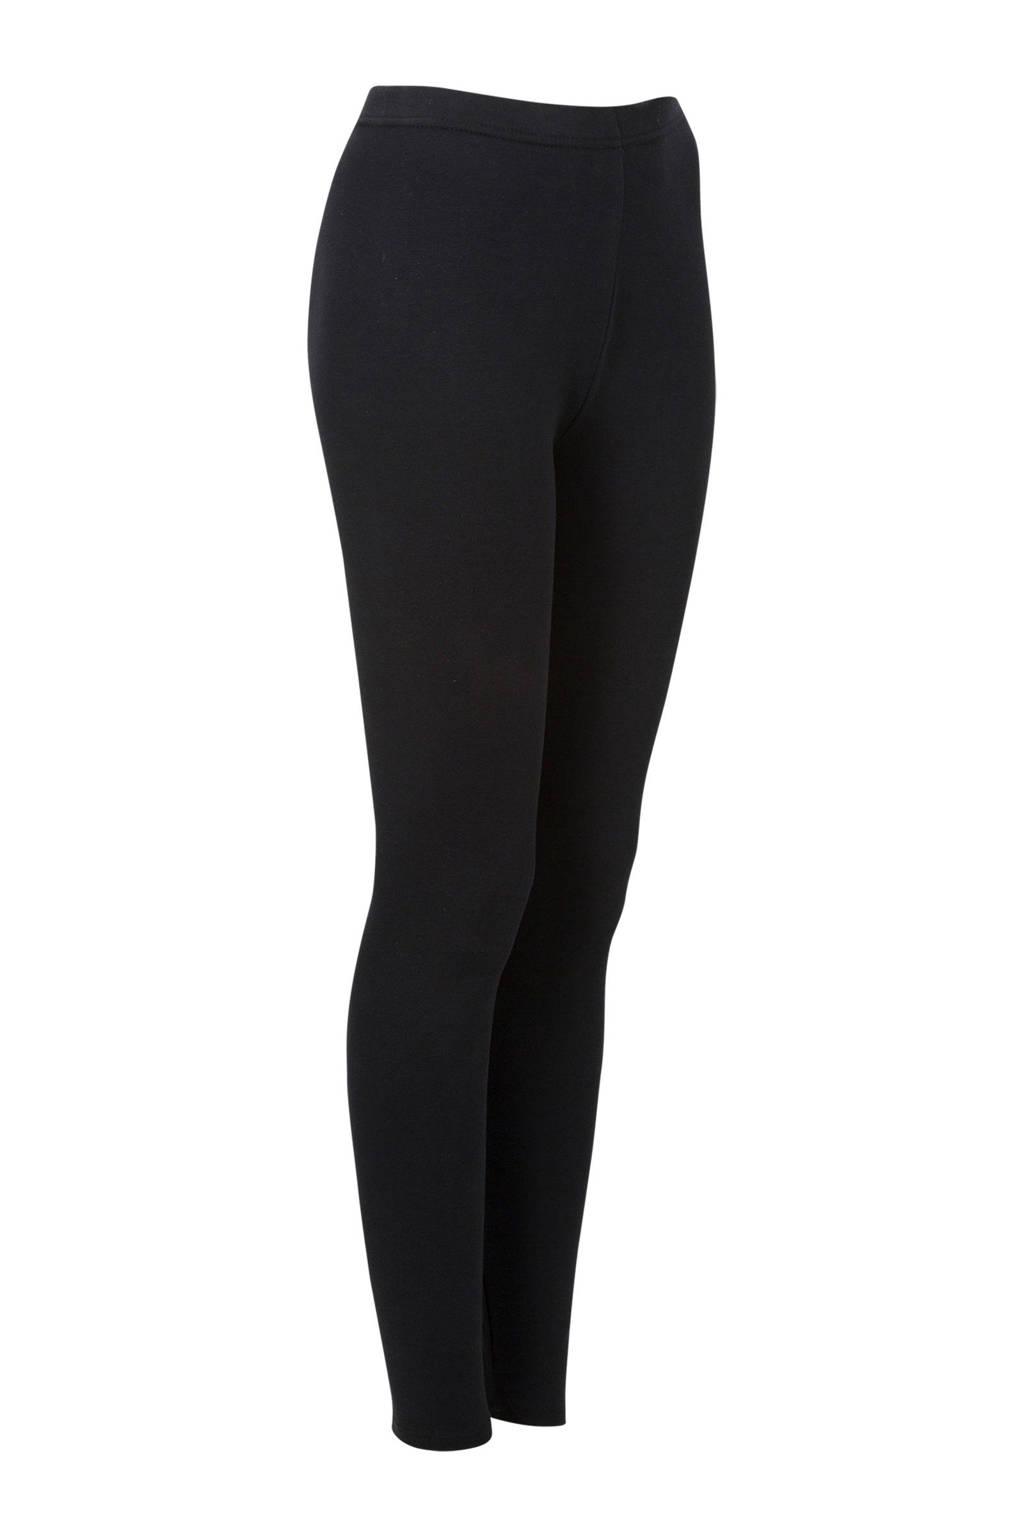 Miss Etam Regulier legging zwart, Zwart